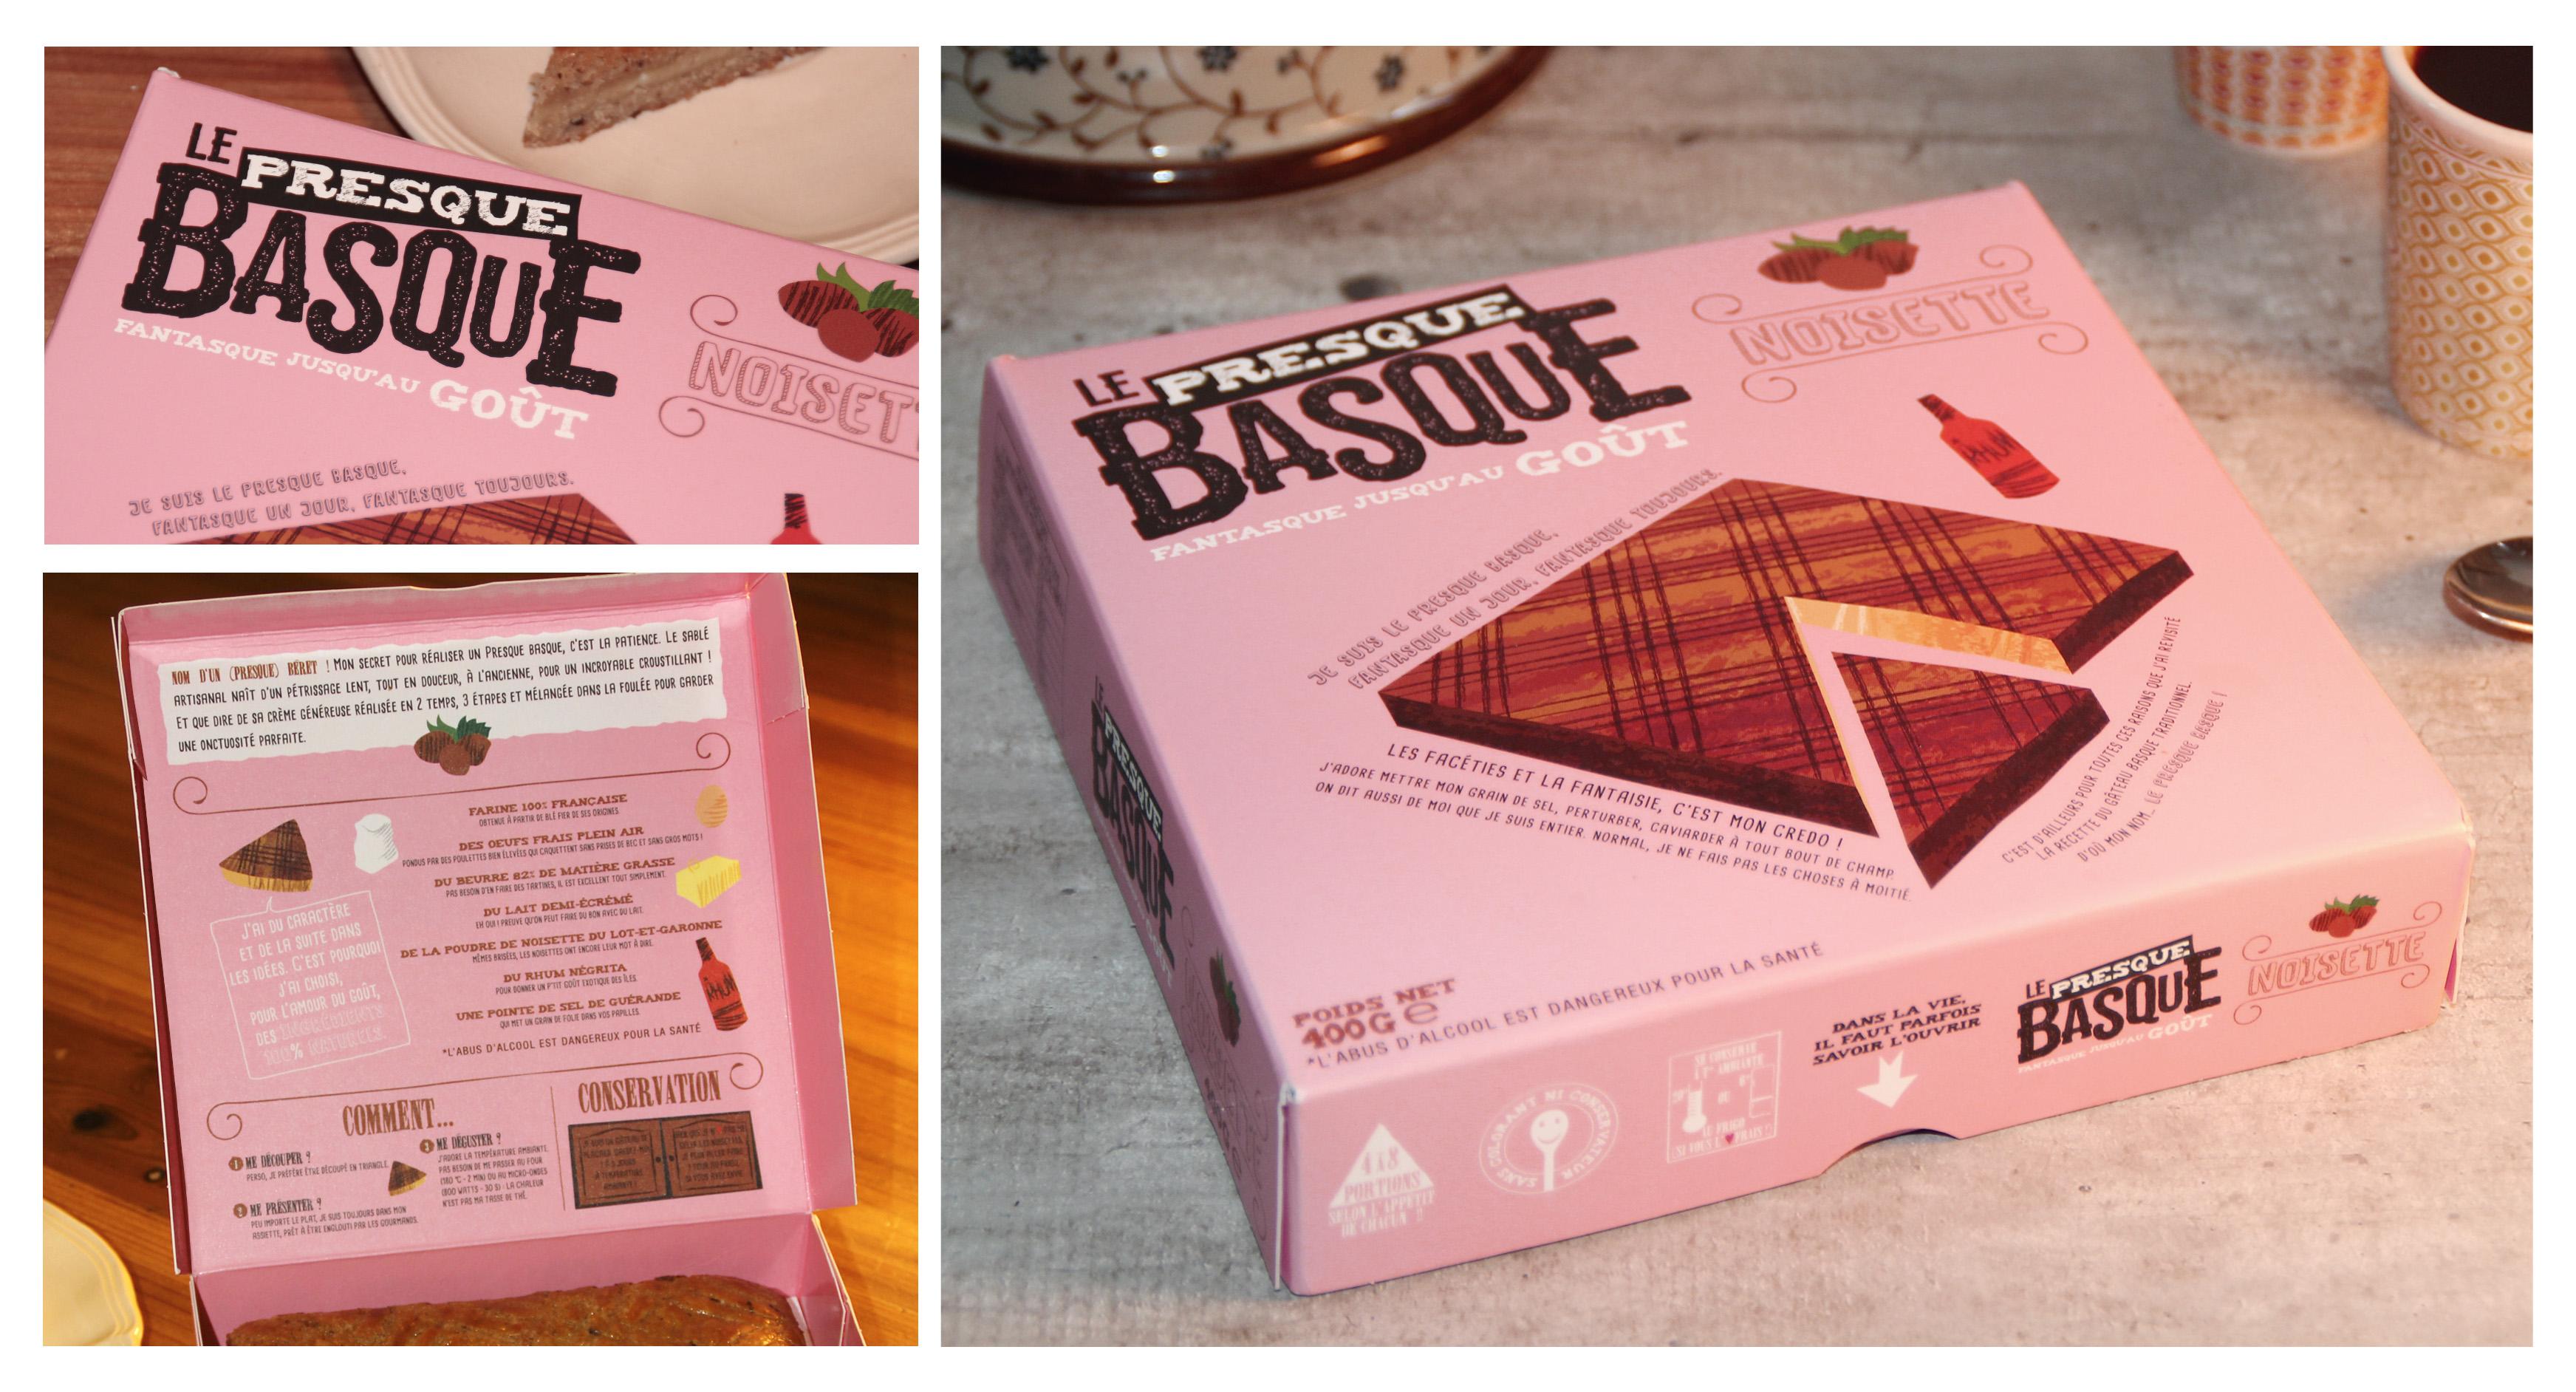 Le Presque Basque